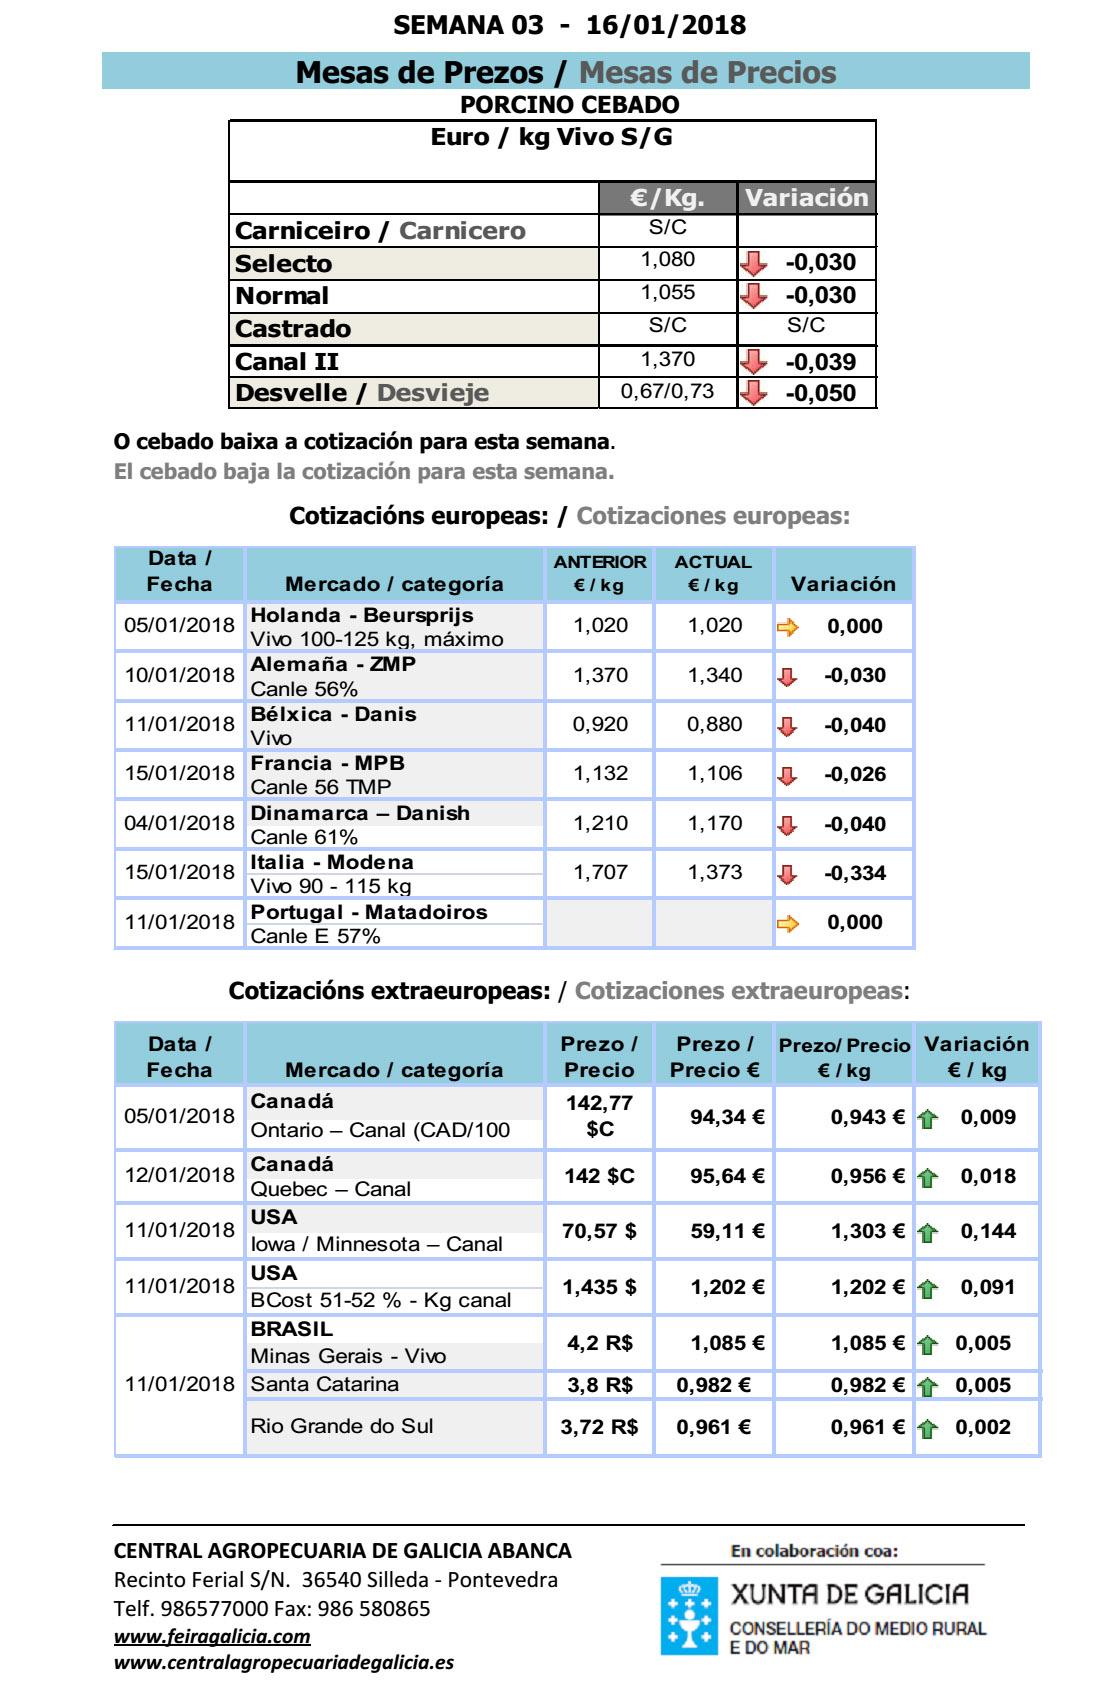 SILLEDA_PORCINO_XANEIRO_18_2